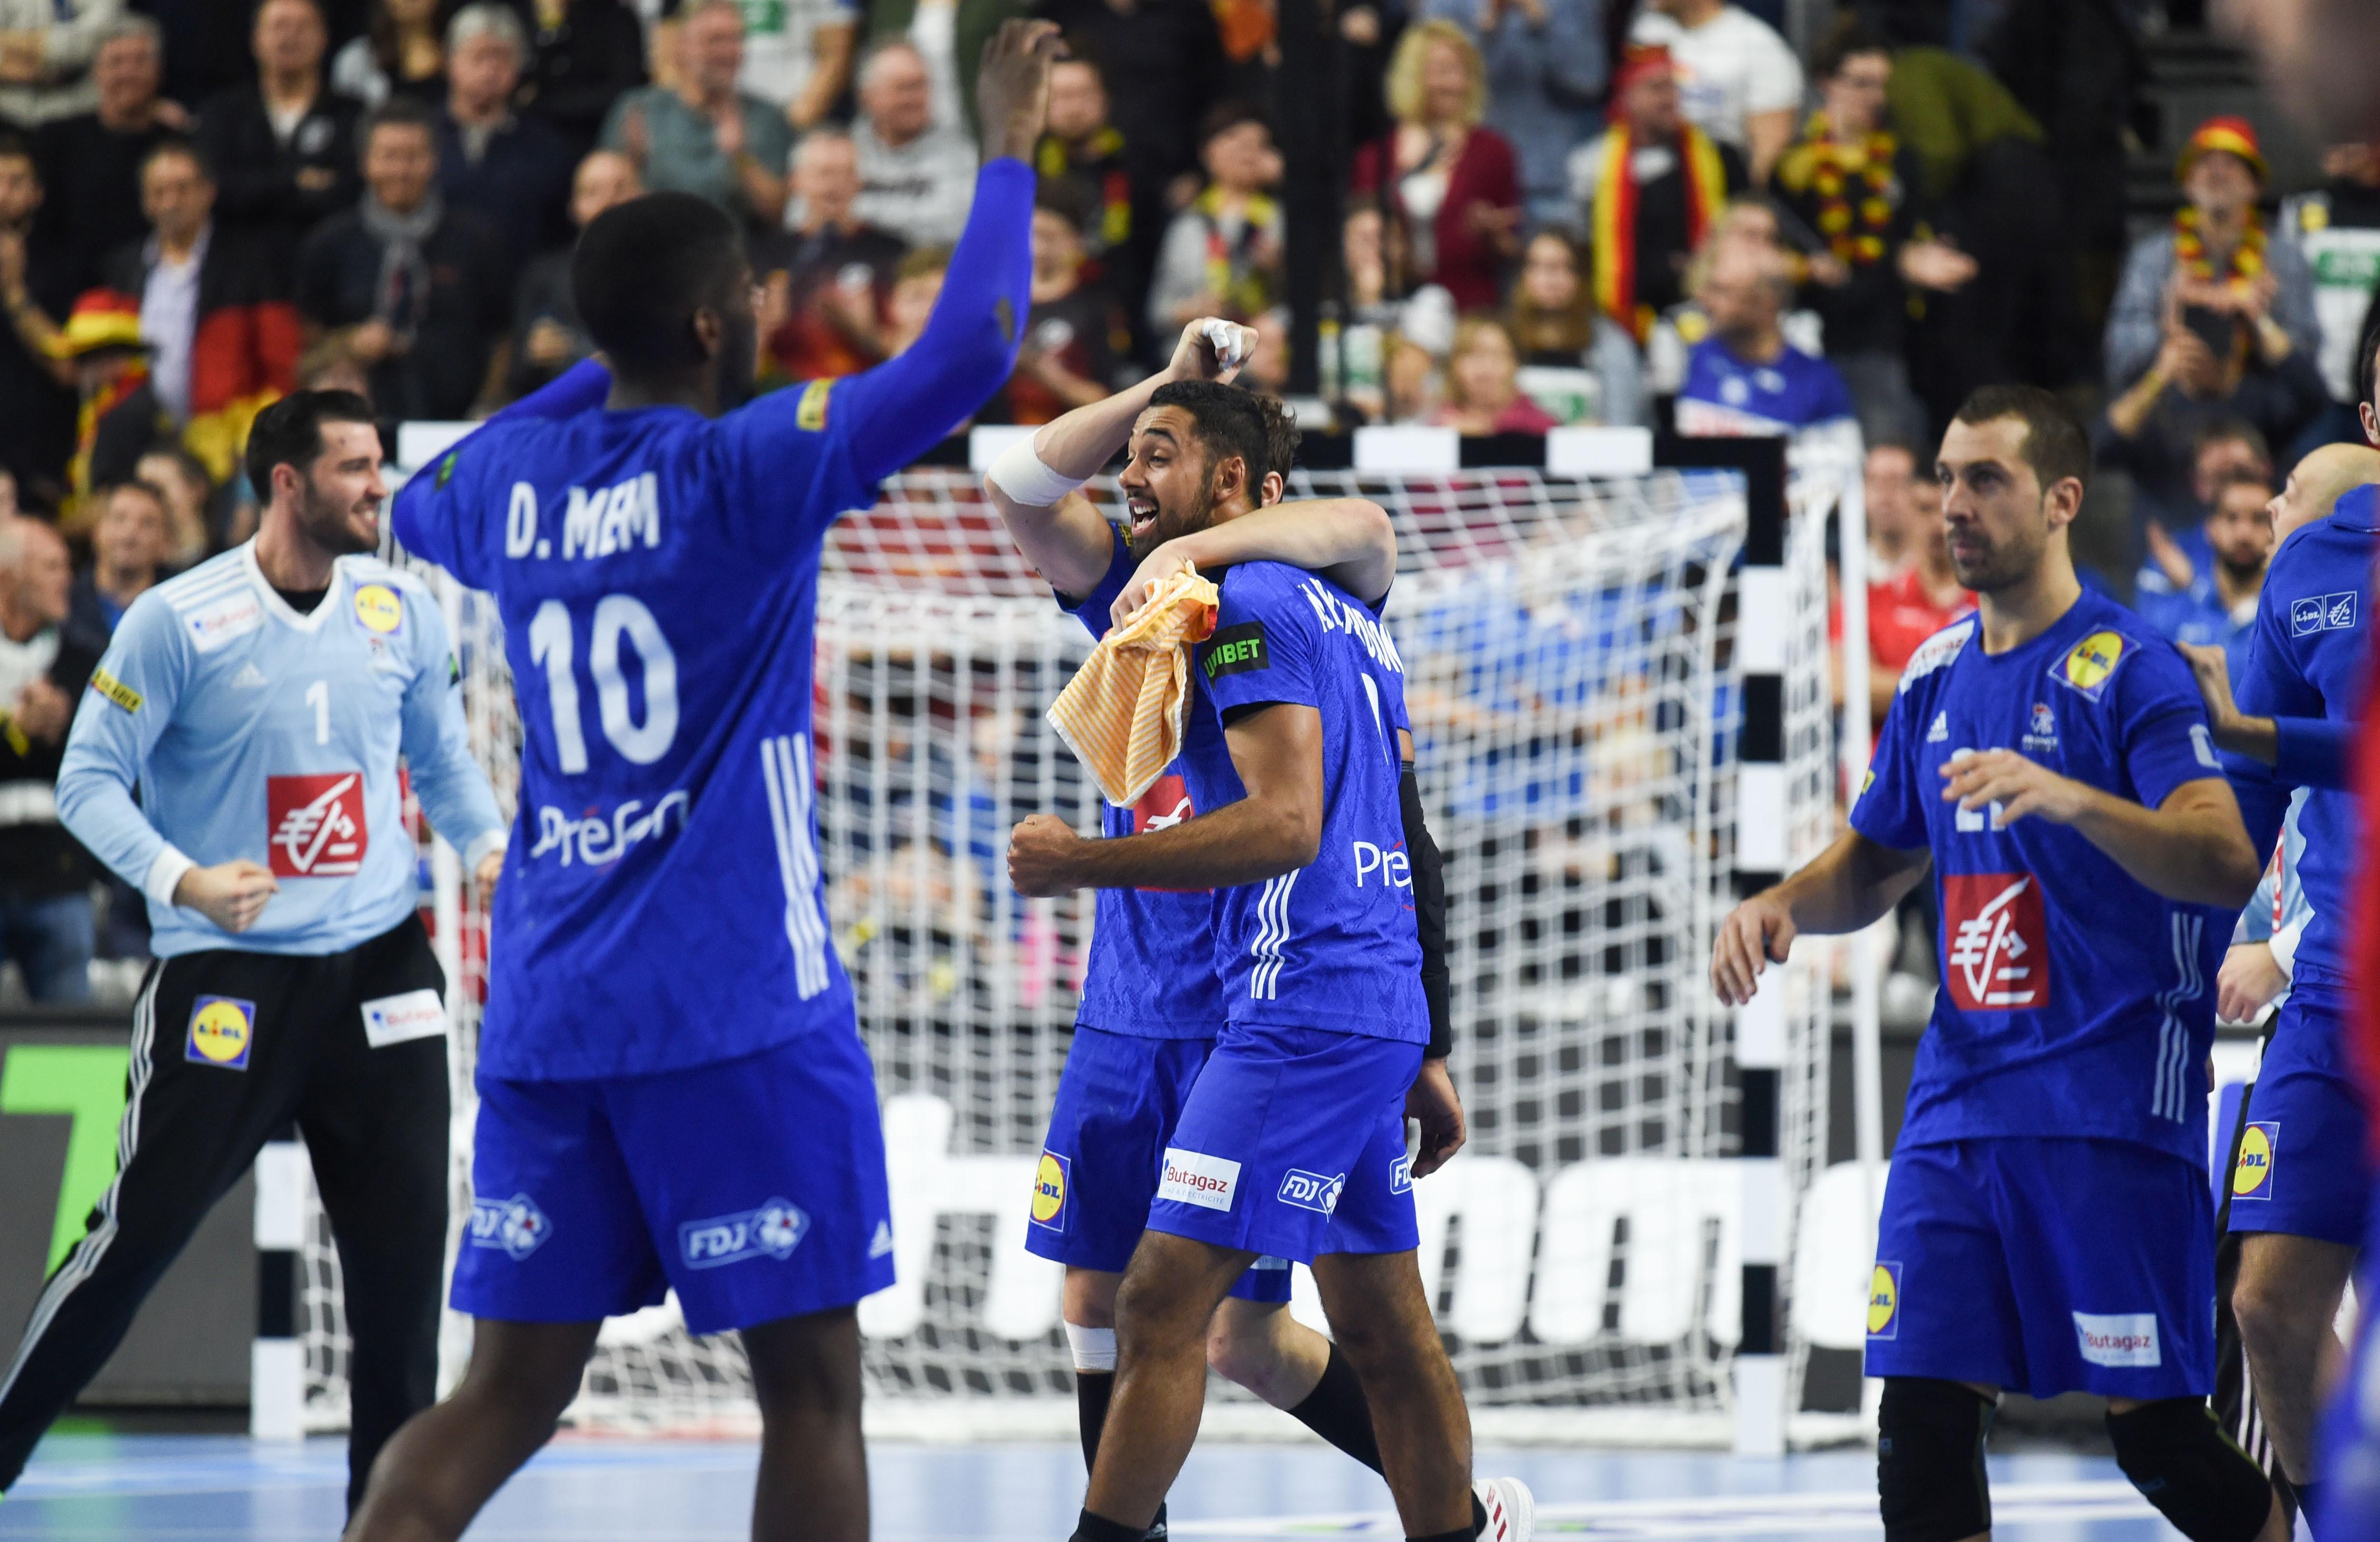 La joie des Bleus après la victoire contre l'Espagne - Mondiaux 2019